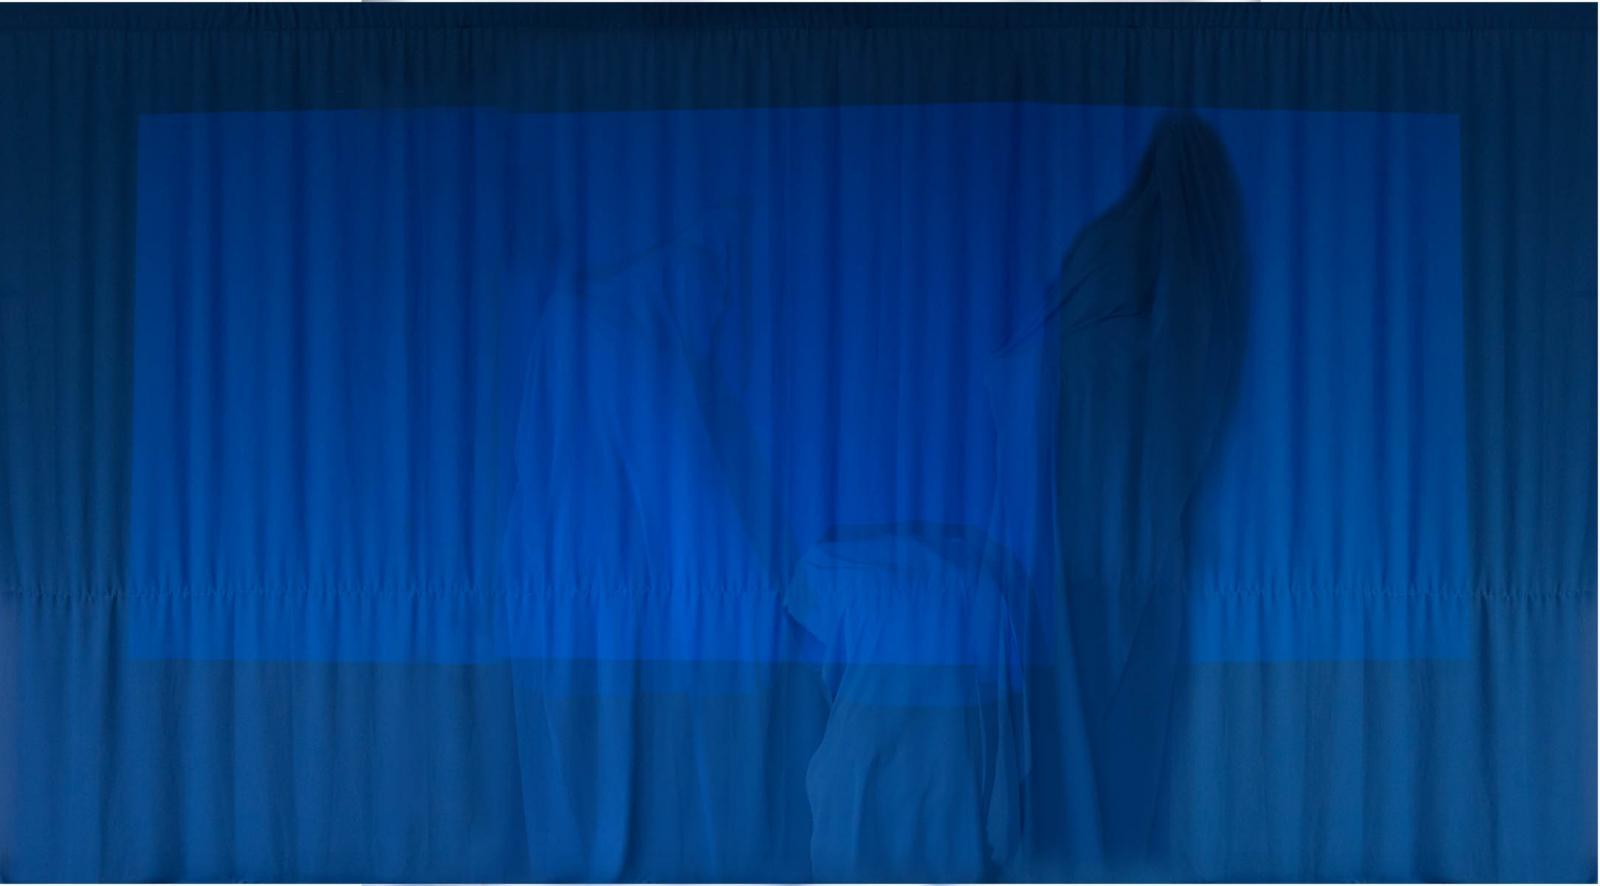 Photography image - Loading Blue.jpg